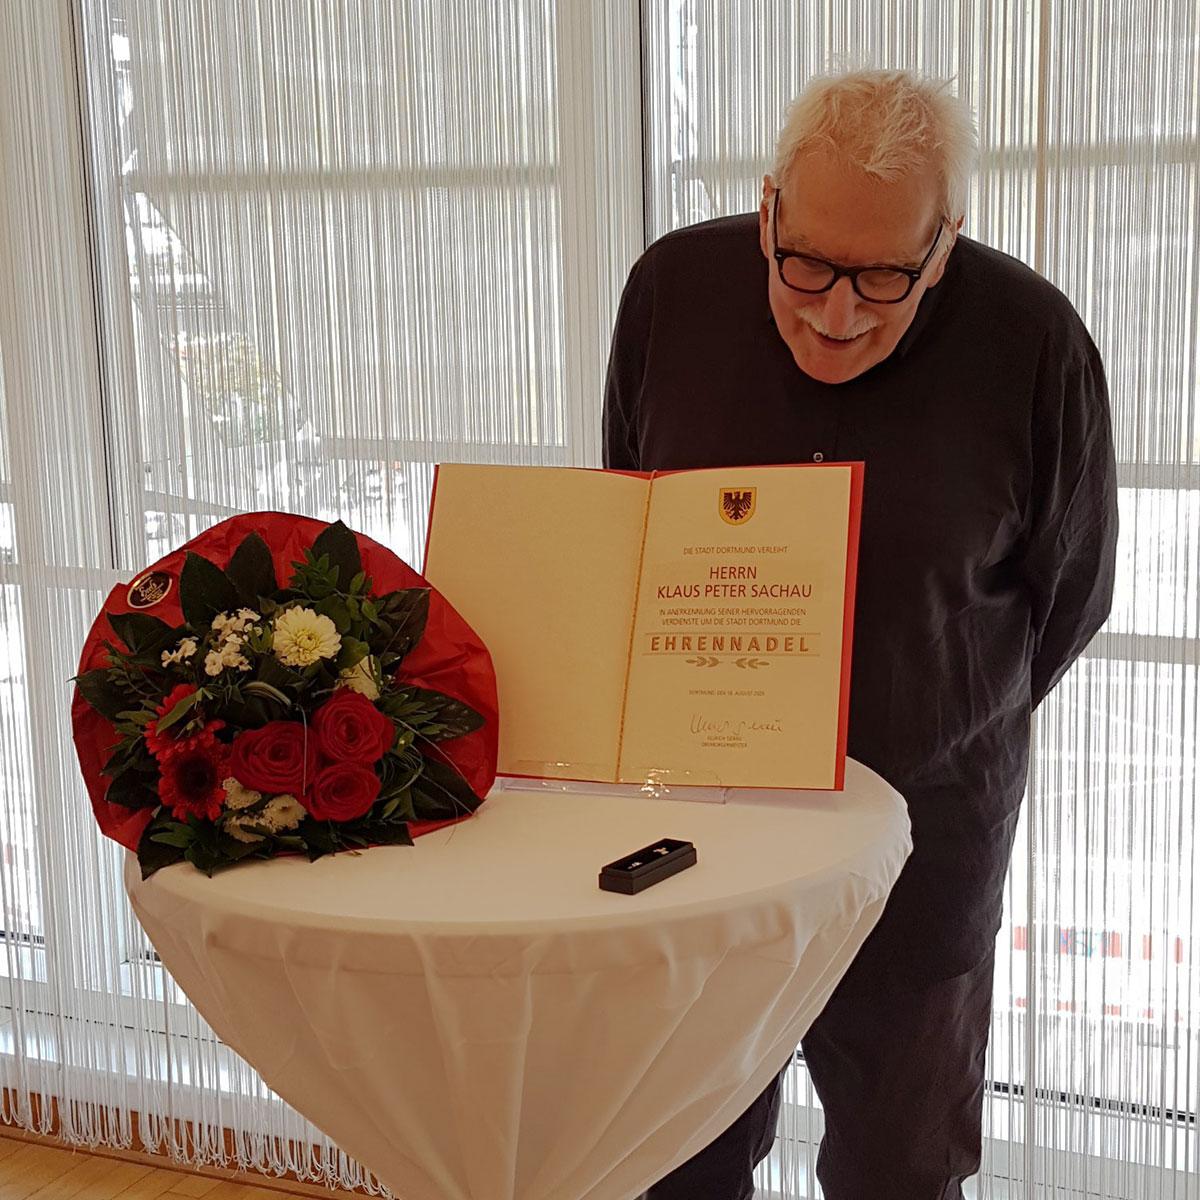 Ehrennadel der Stadt Dortmund für Klaus Peter Sachau | Foto © Isabel Pfarre